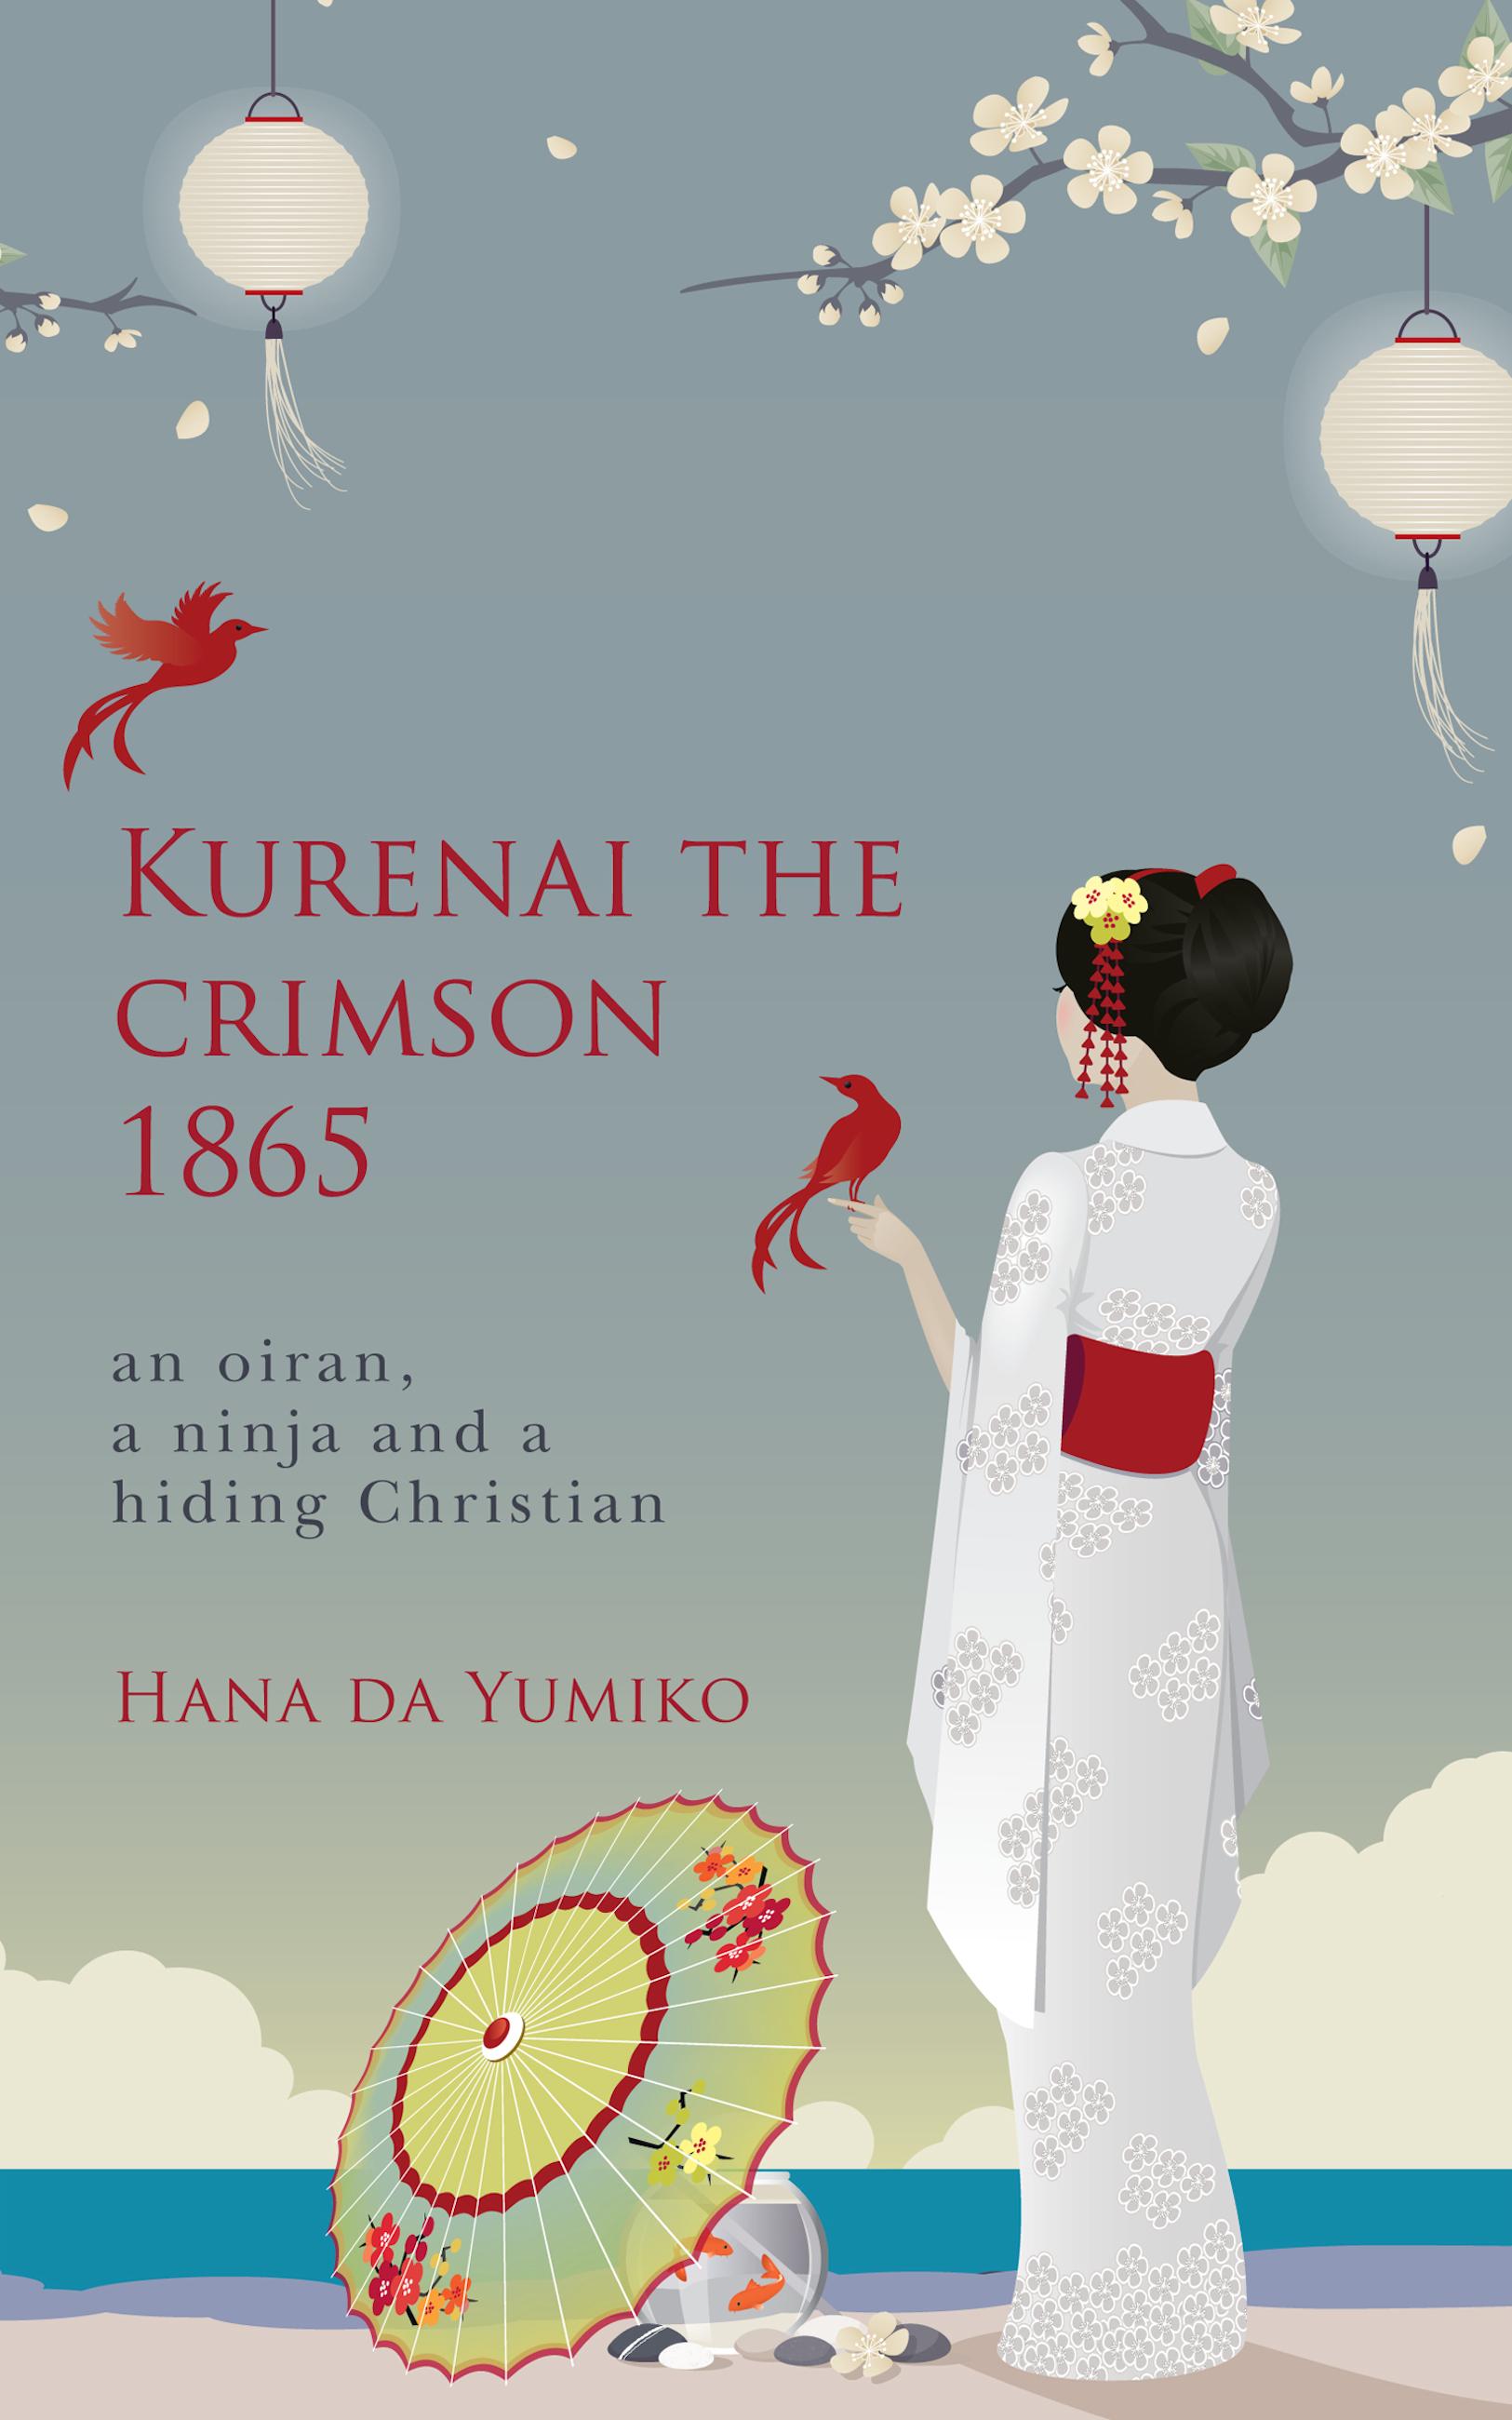 Kurenai the Crimson 1865: An Oiran, A Ninja and a Hiding Christian Hana da Yumiko